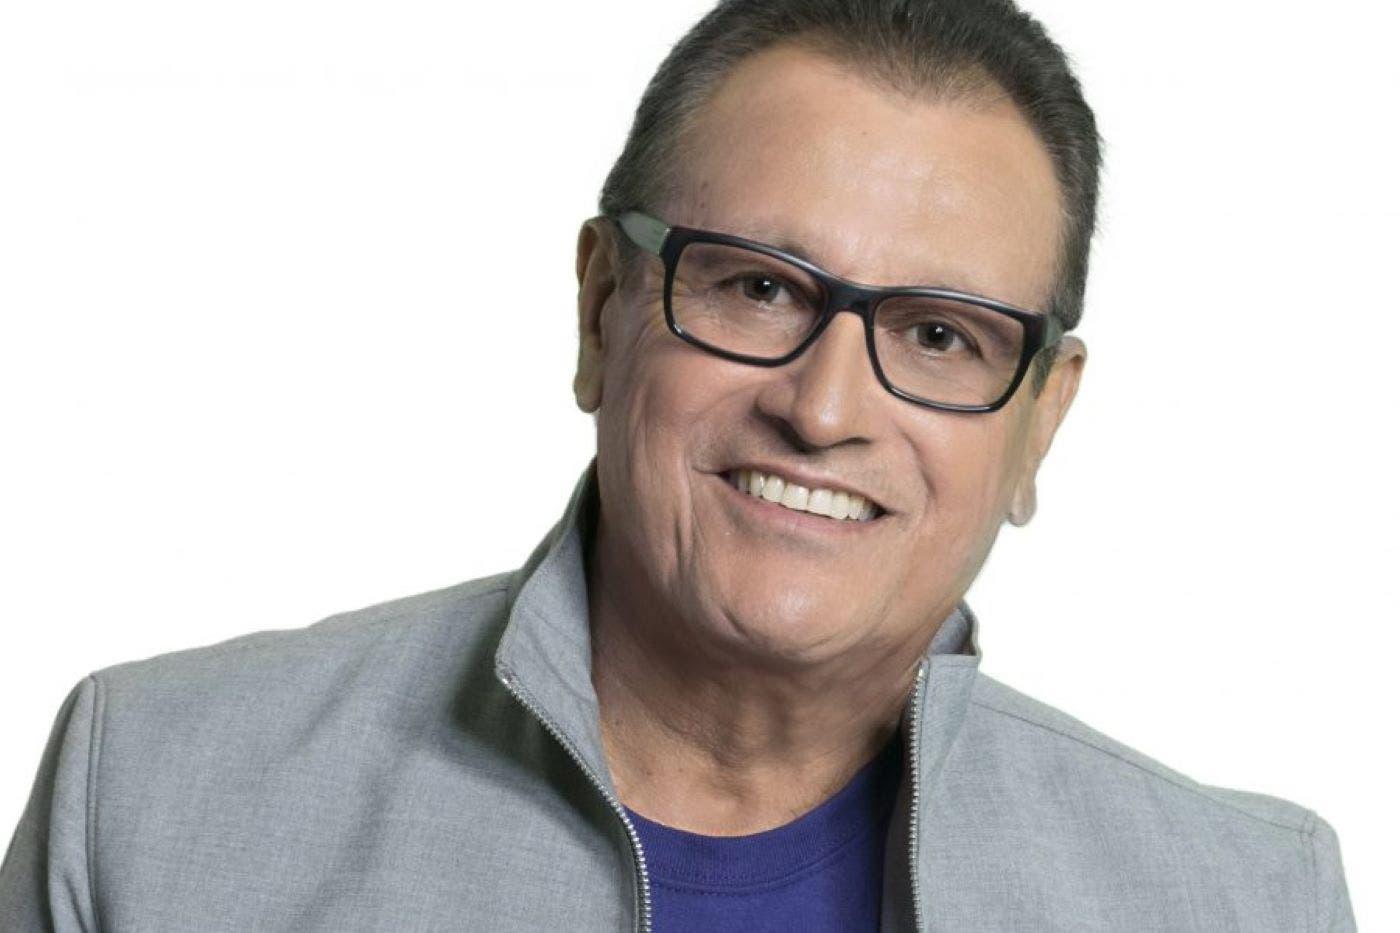 El salsero puertorriqueño Ismael Miranda intervenido por derrame cerebral. FUENTE EXTERNA